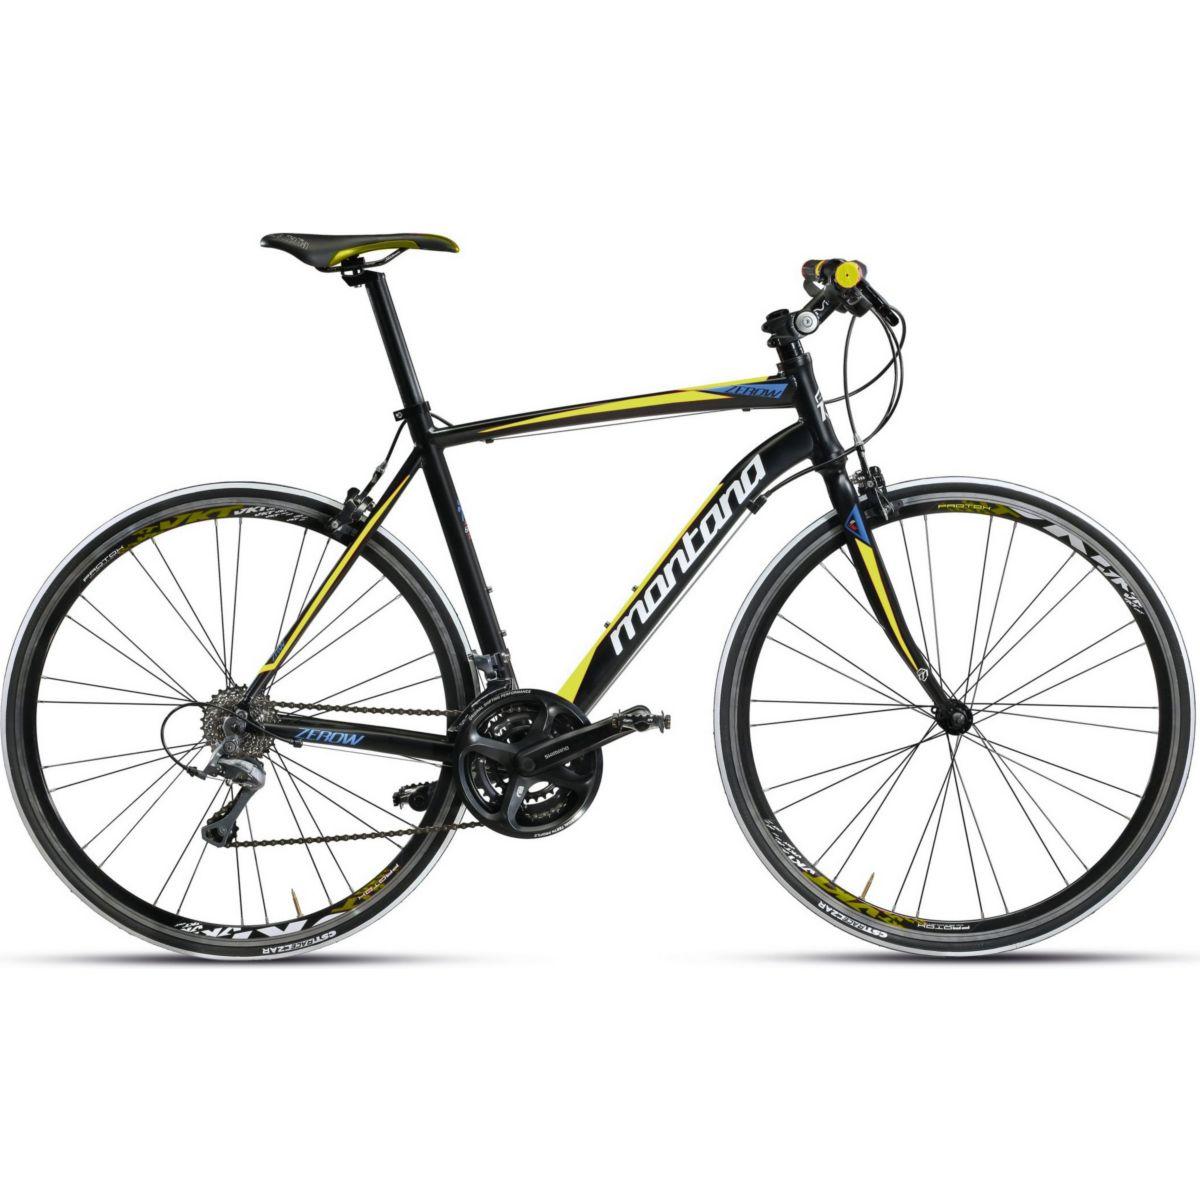 28 Zoll Montana Zerow Comfort Herren Rennrad Carbongabel 24 Gang schwarz-gelb, 48cm jetztbilligerkaufen